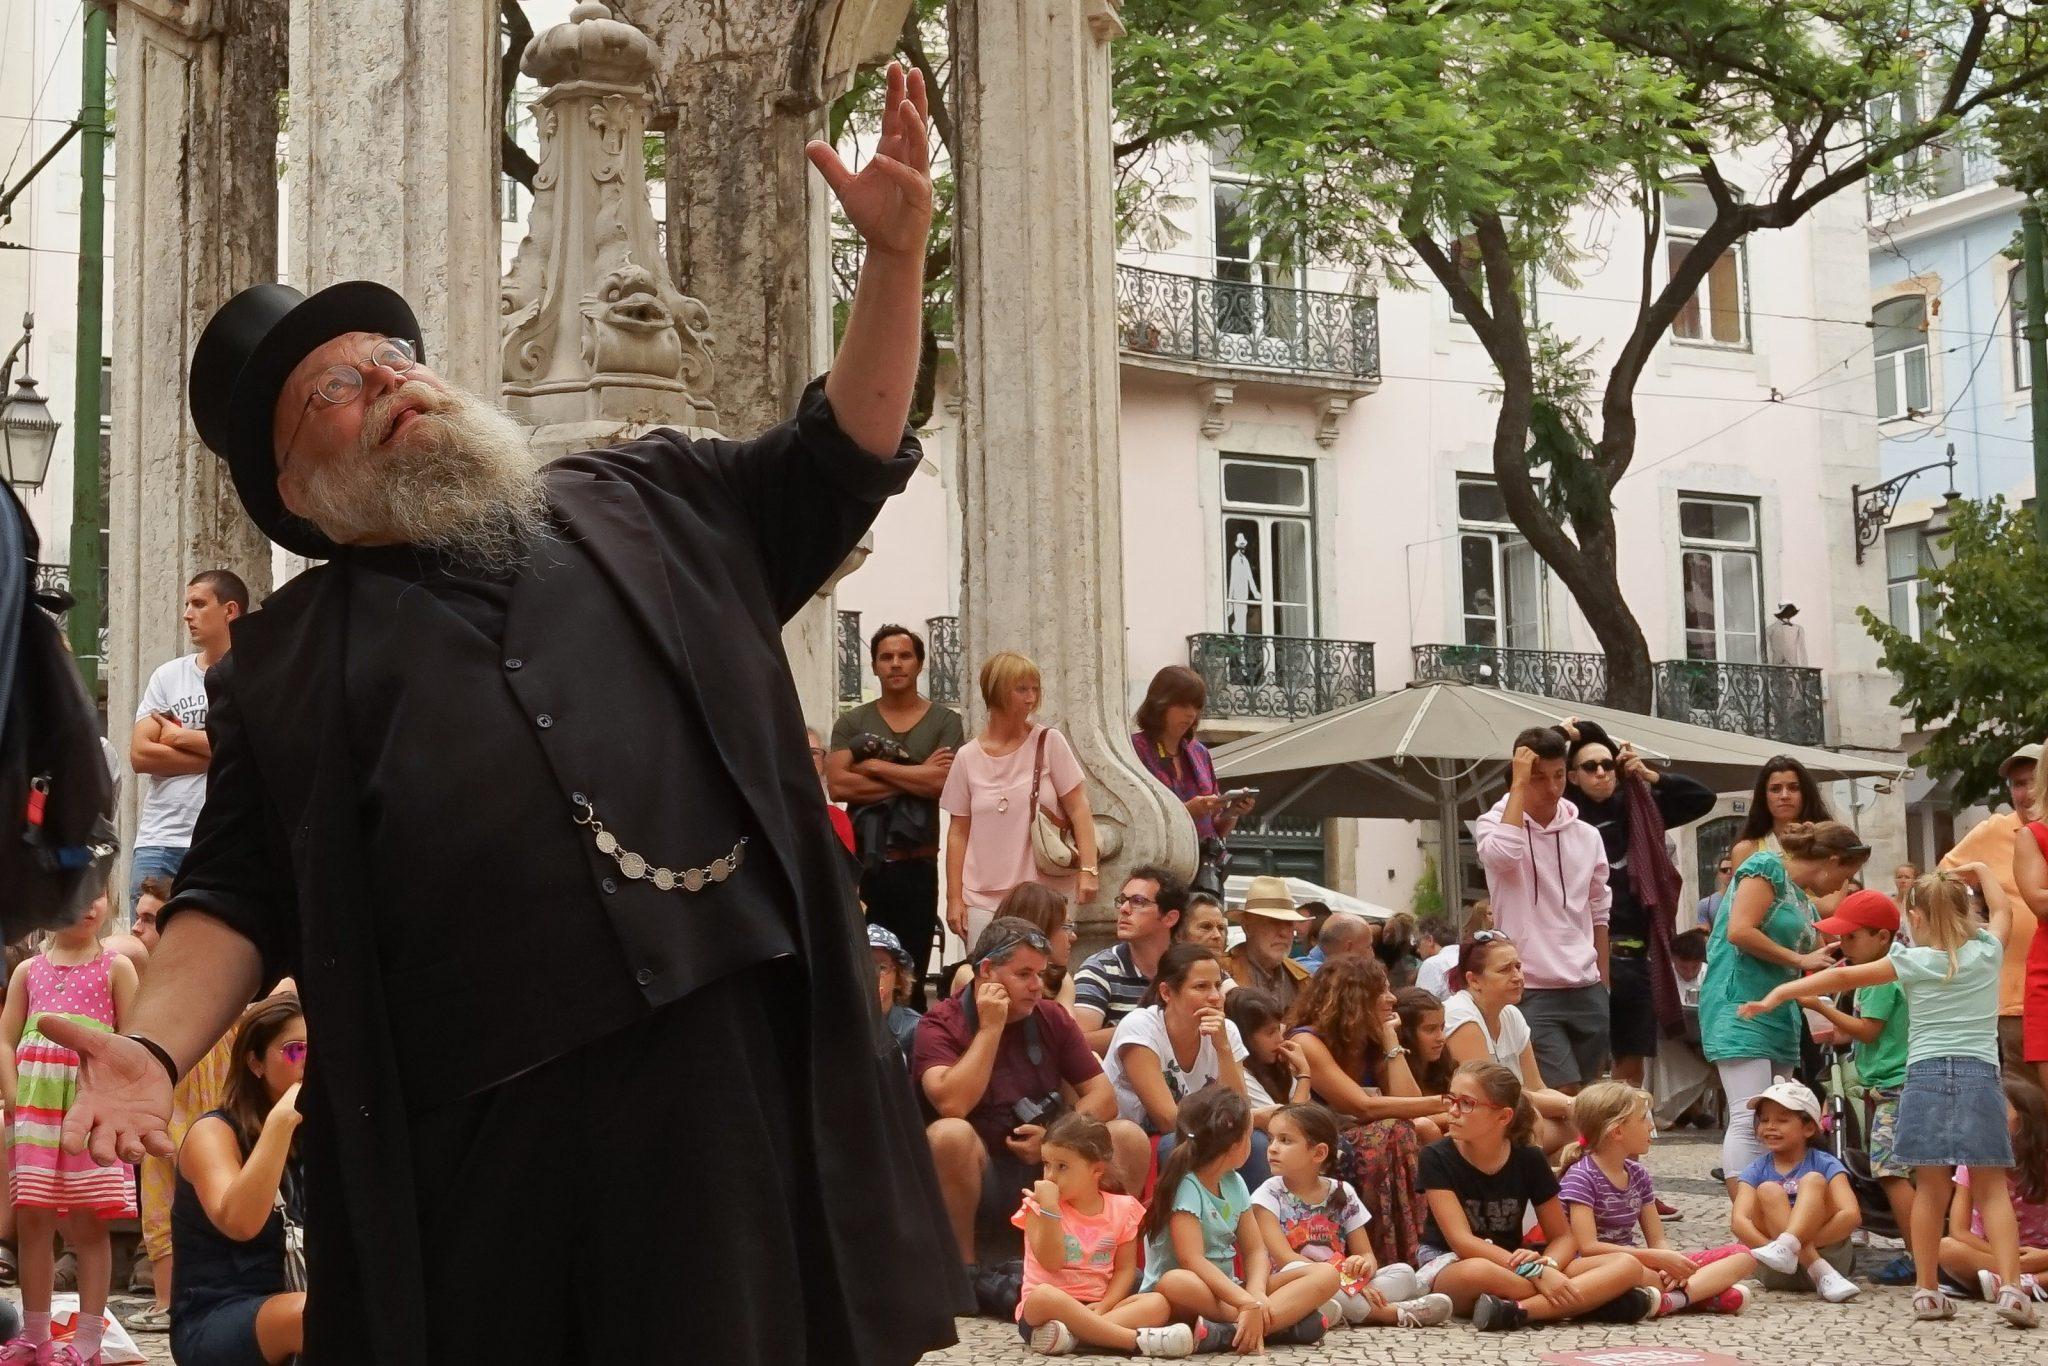 Um homem vestido de preto, com grandes barbas e um chapéu preto, está de frente para o observador, com o braço levantado e a olhar para o céu. Atrás de si, pessoas sentadas e de pé observam